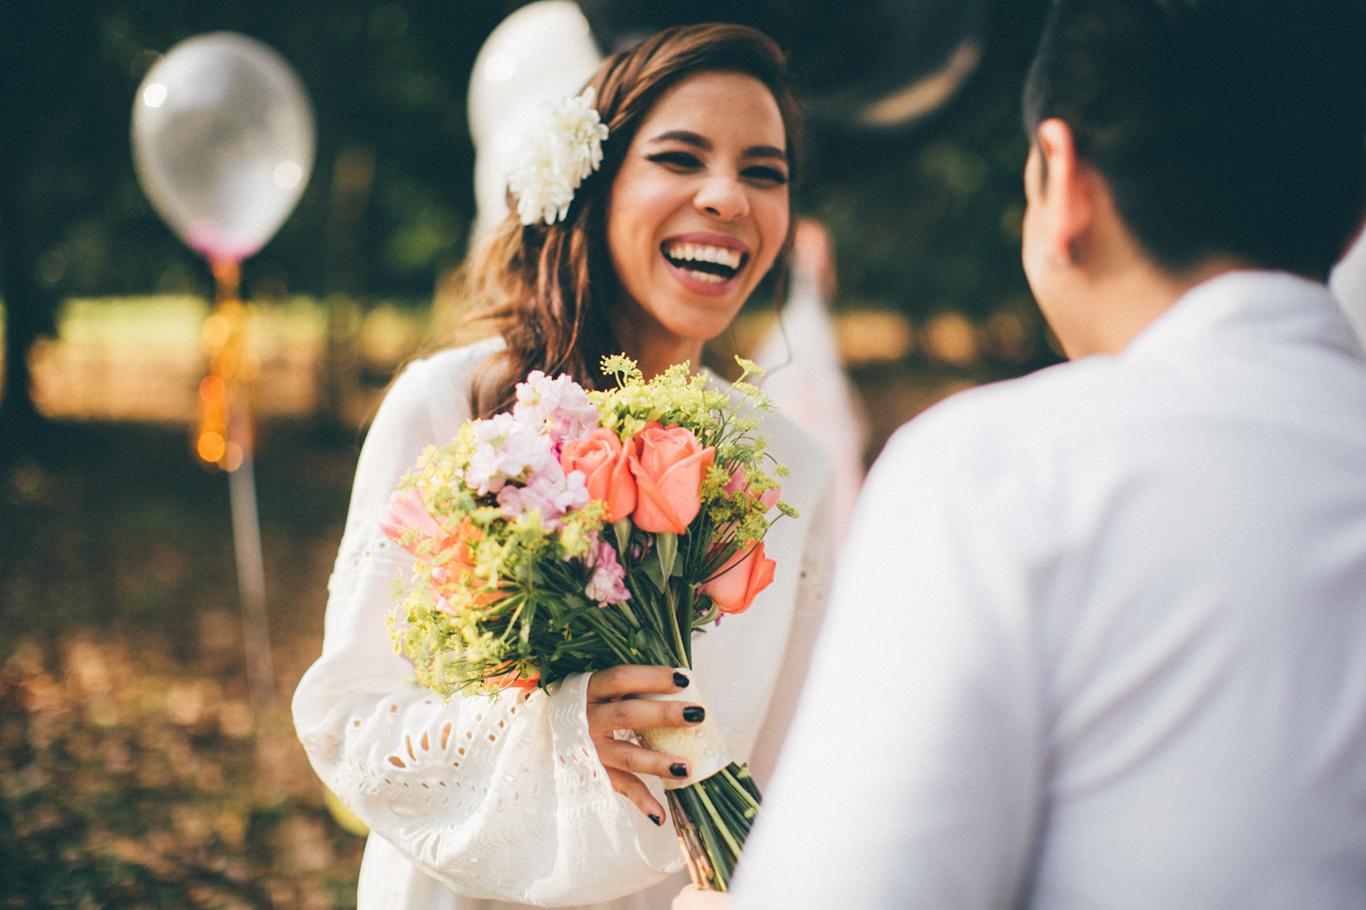 15-hellojanelee-amazing-wedding-2015-malaysia